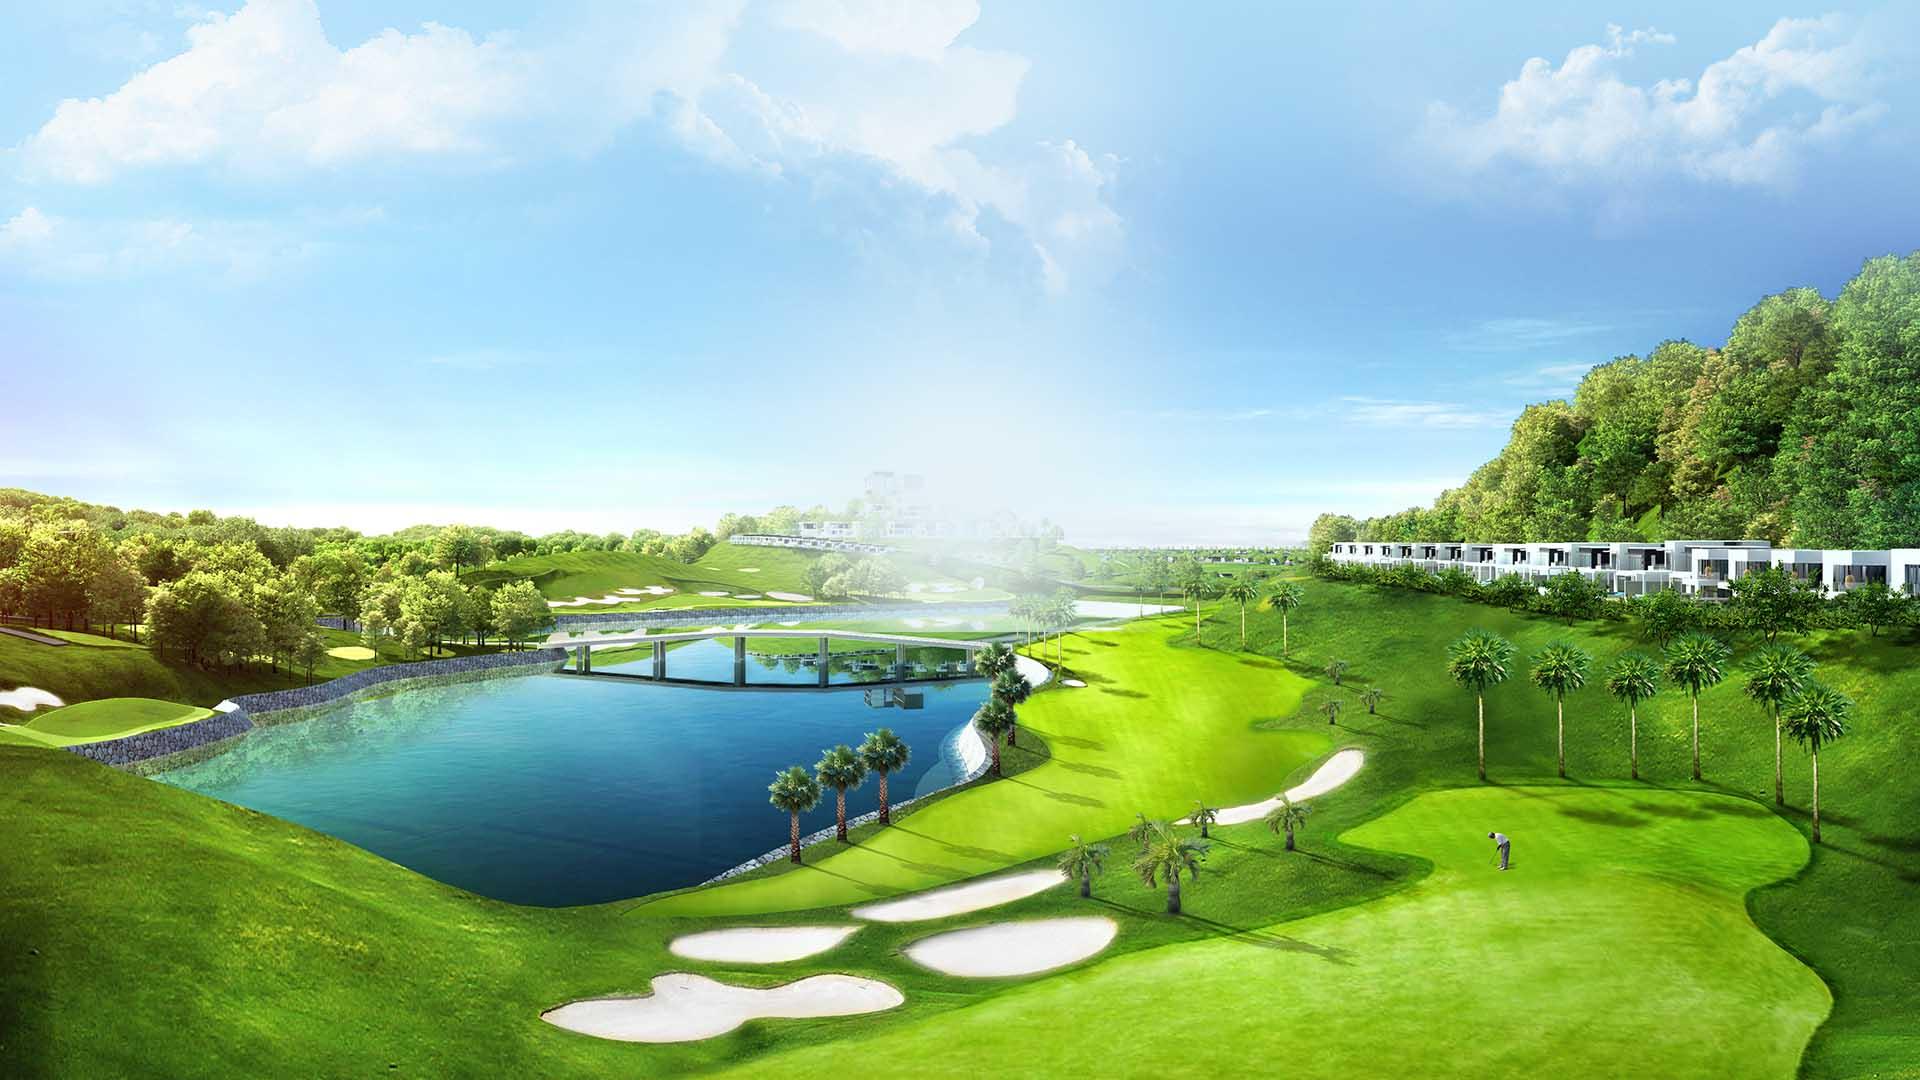 TOP 11 khu nghỉ dưỡng quanh Hà Nội đến là mê, về là nhớ post image